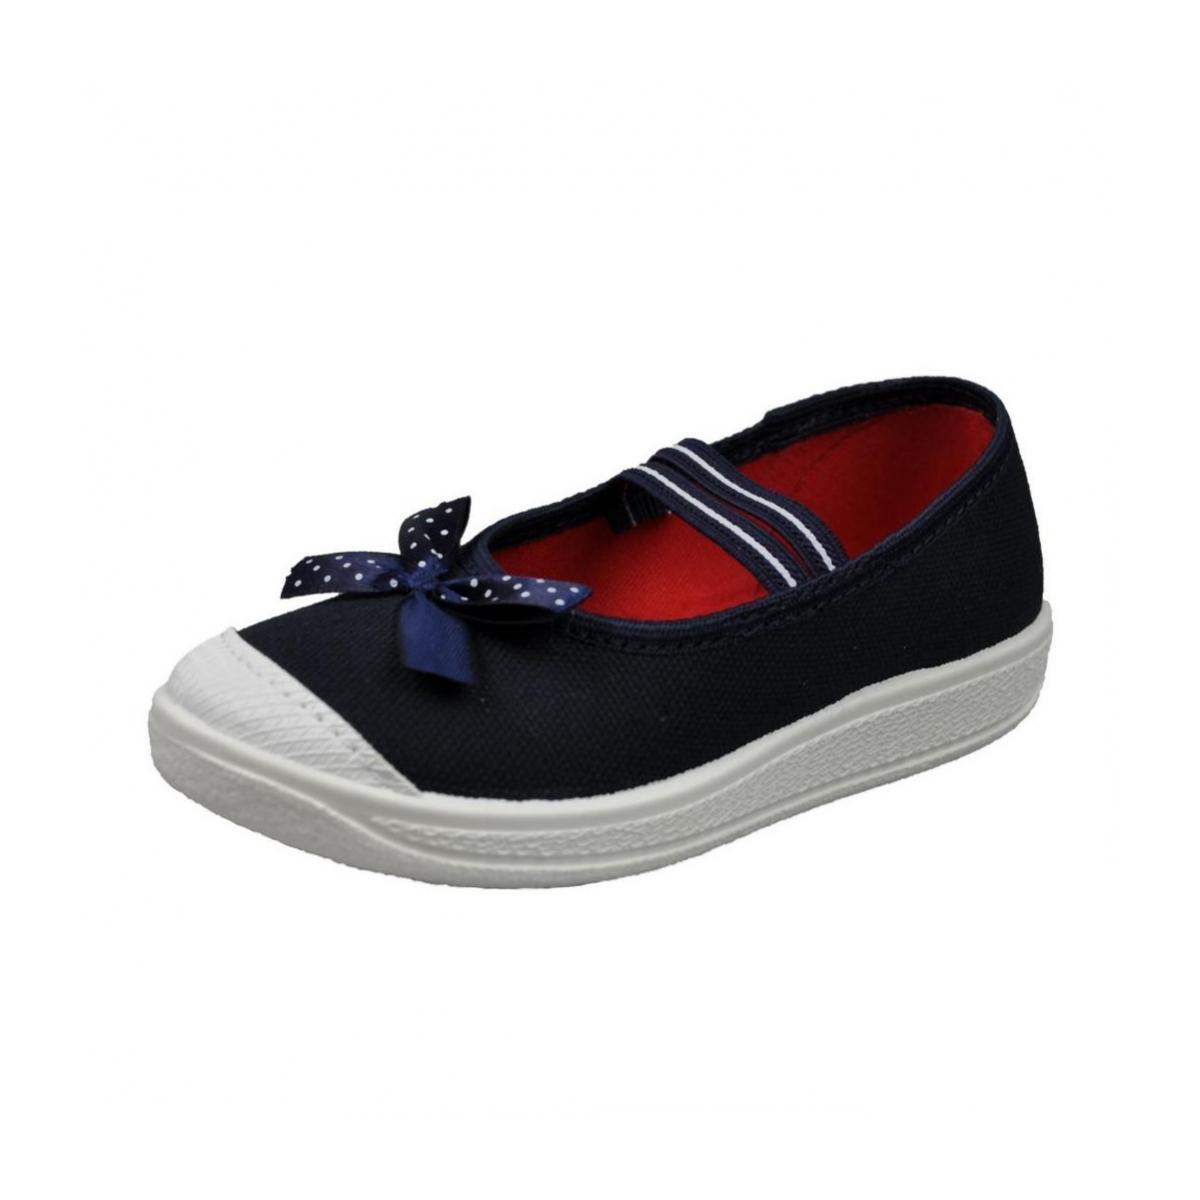 40894222b89ea Detské tmavomodré topánky DISA | Johnc.sk